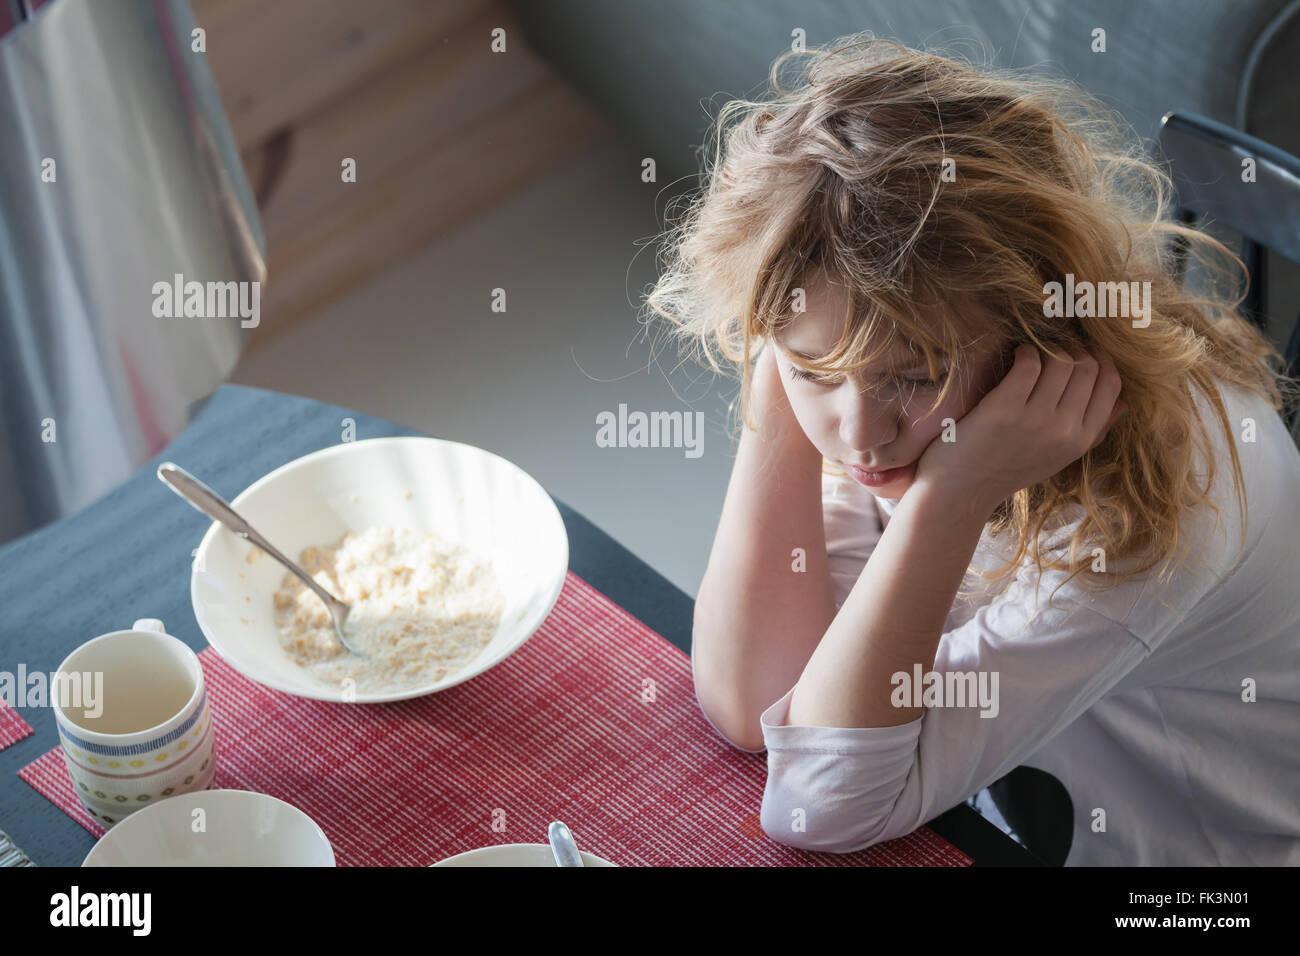 Kleine blonde kaukasische verschlafenes Mädchen hat ein Frühstück Stockbild